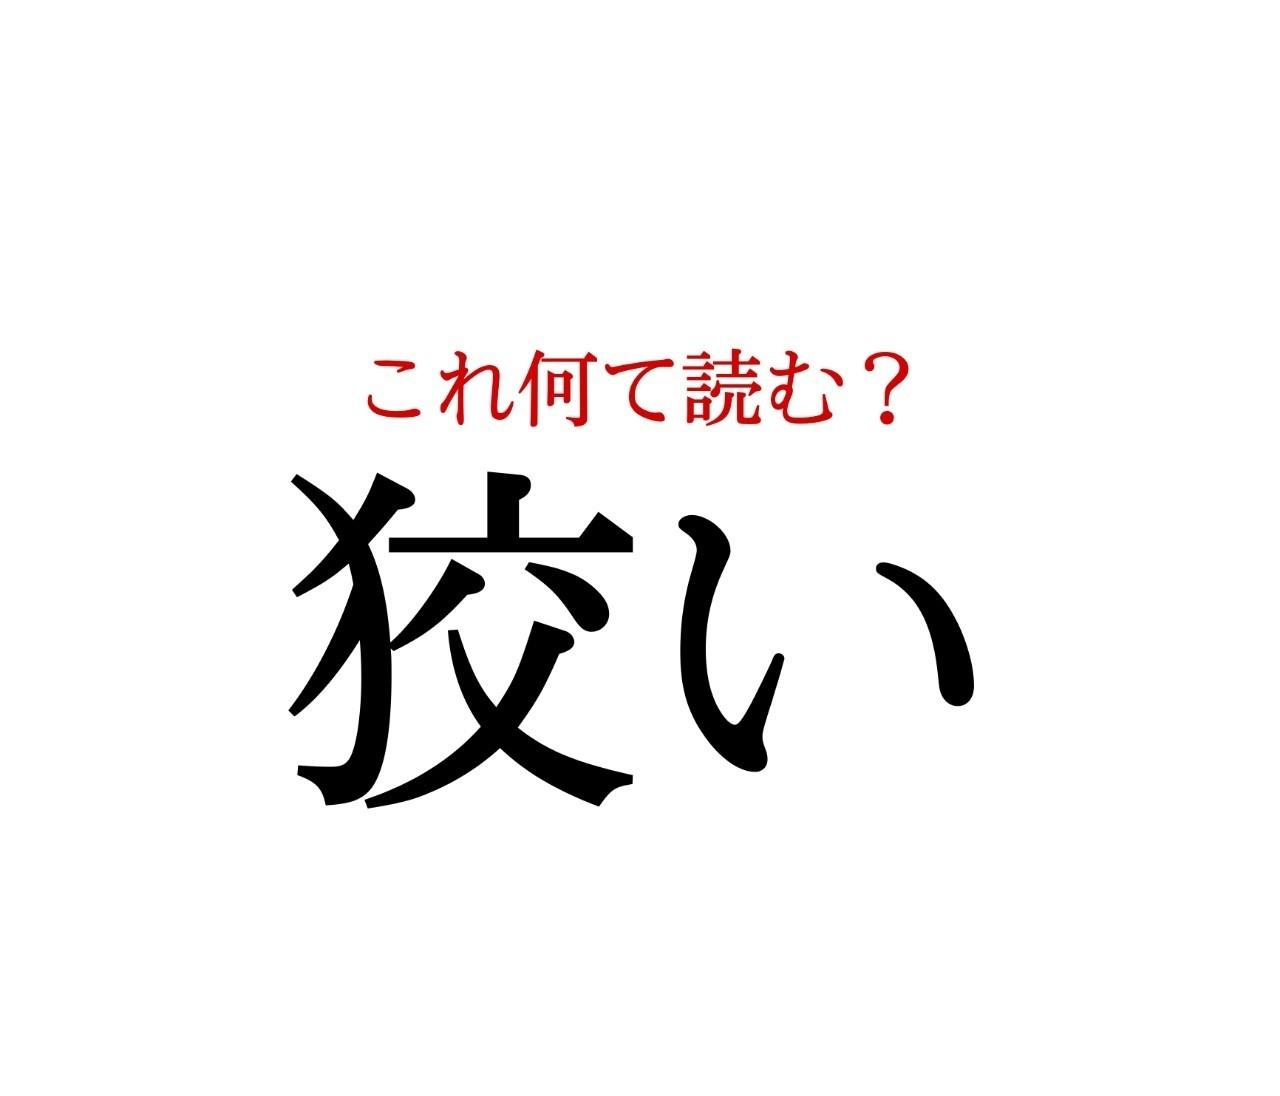 「狡い」:この漢字、自信を持って読めますか?【働く大人の漢字クイズvol.260】